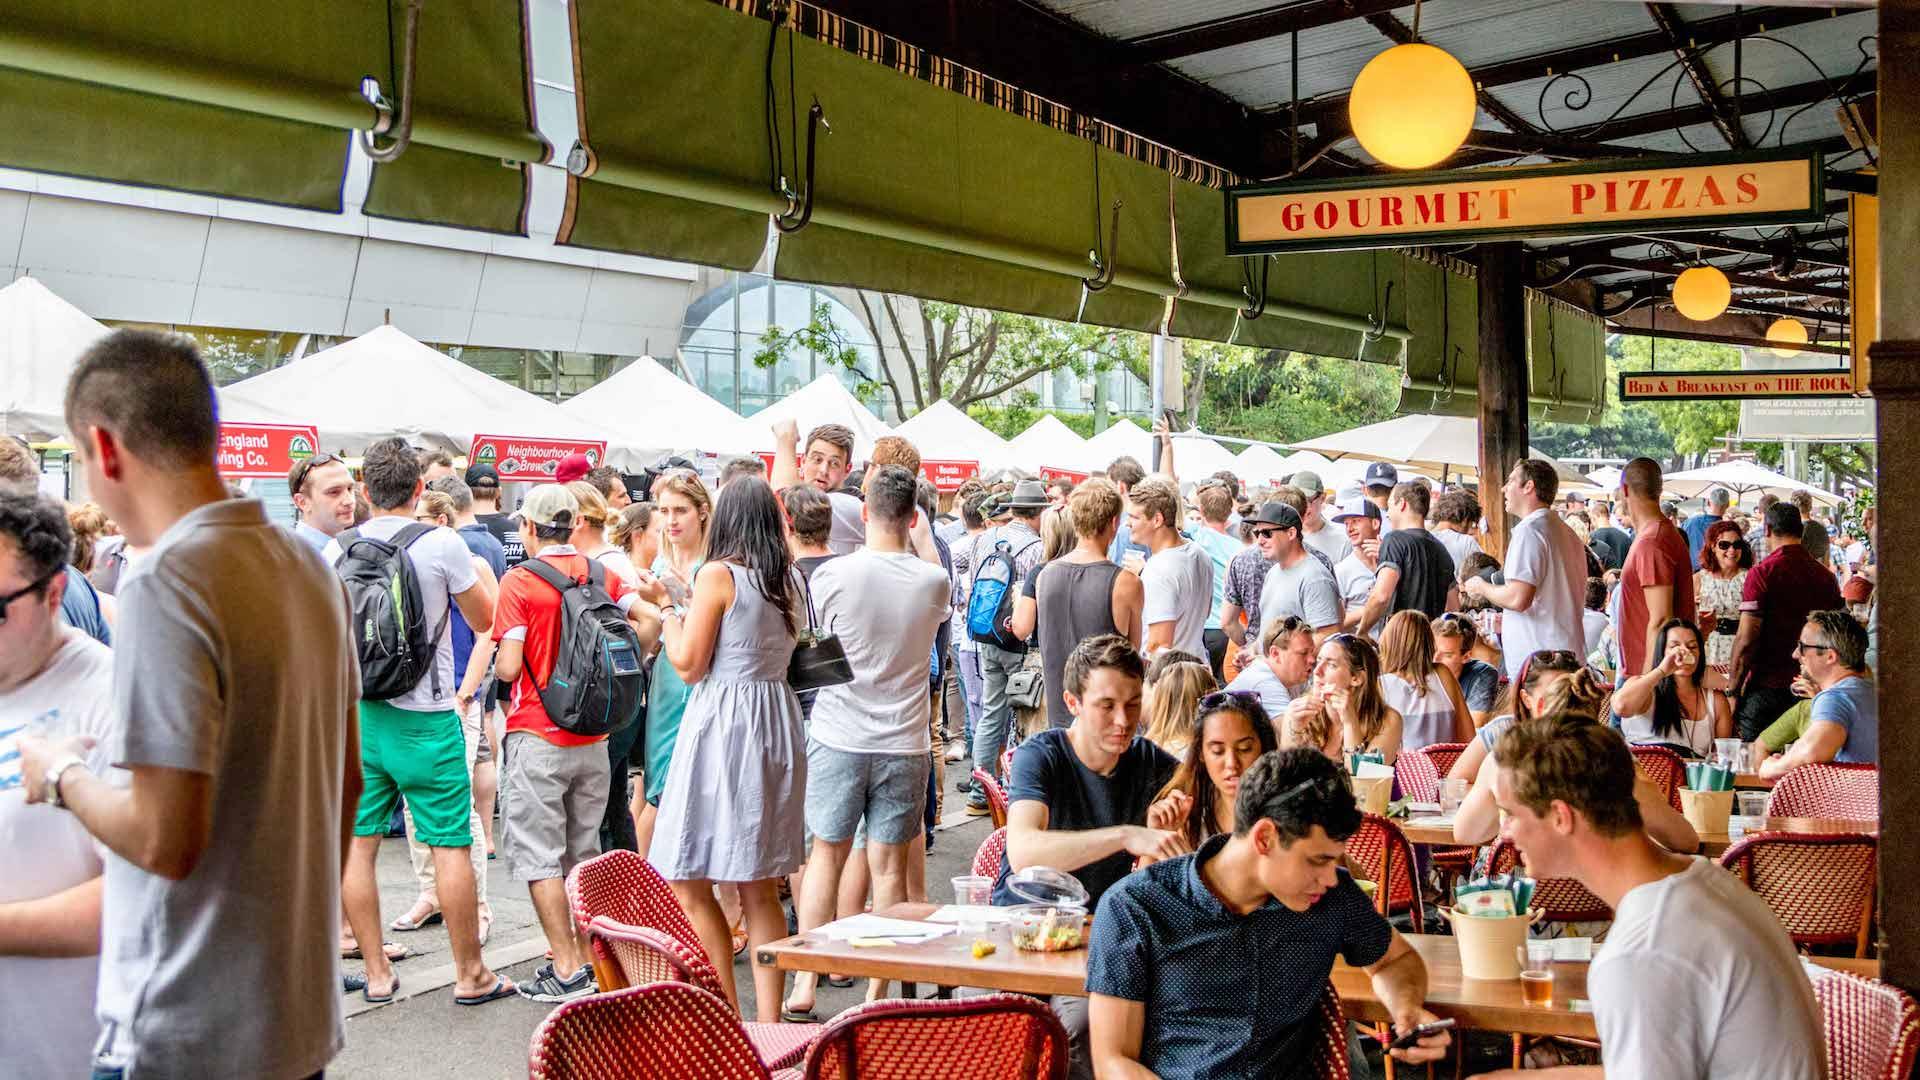 Beer Festival The Australian The Rocks - Những sự kiện trong tuần này để có buổi hẹn hò ấn tượng tại Sydney